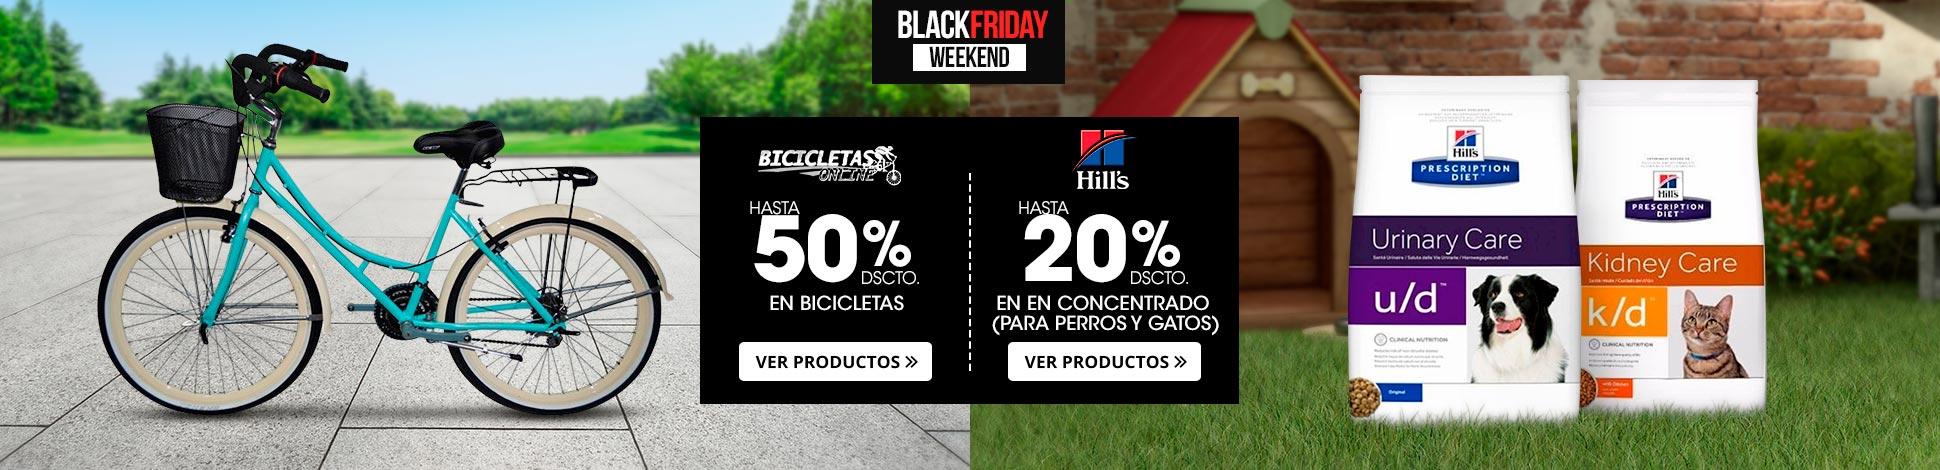 hs-lg-bicicletas-hills.jpg | Juntoz.com